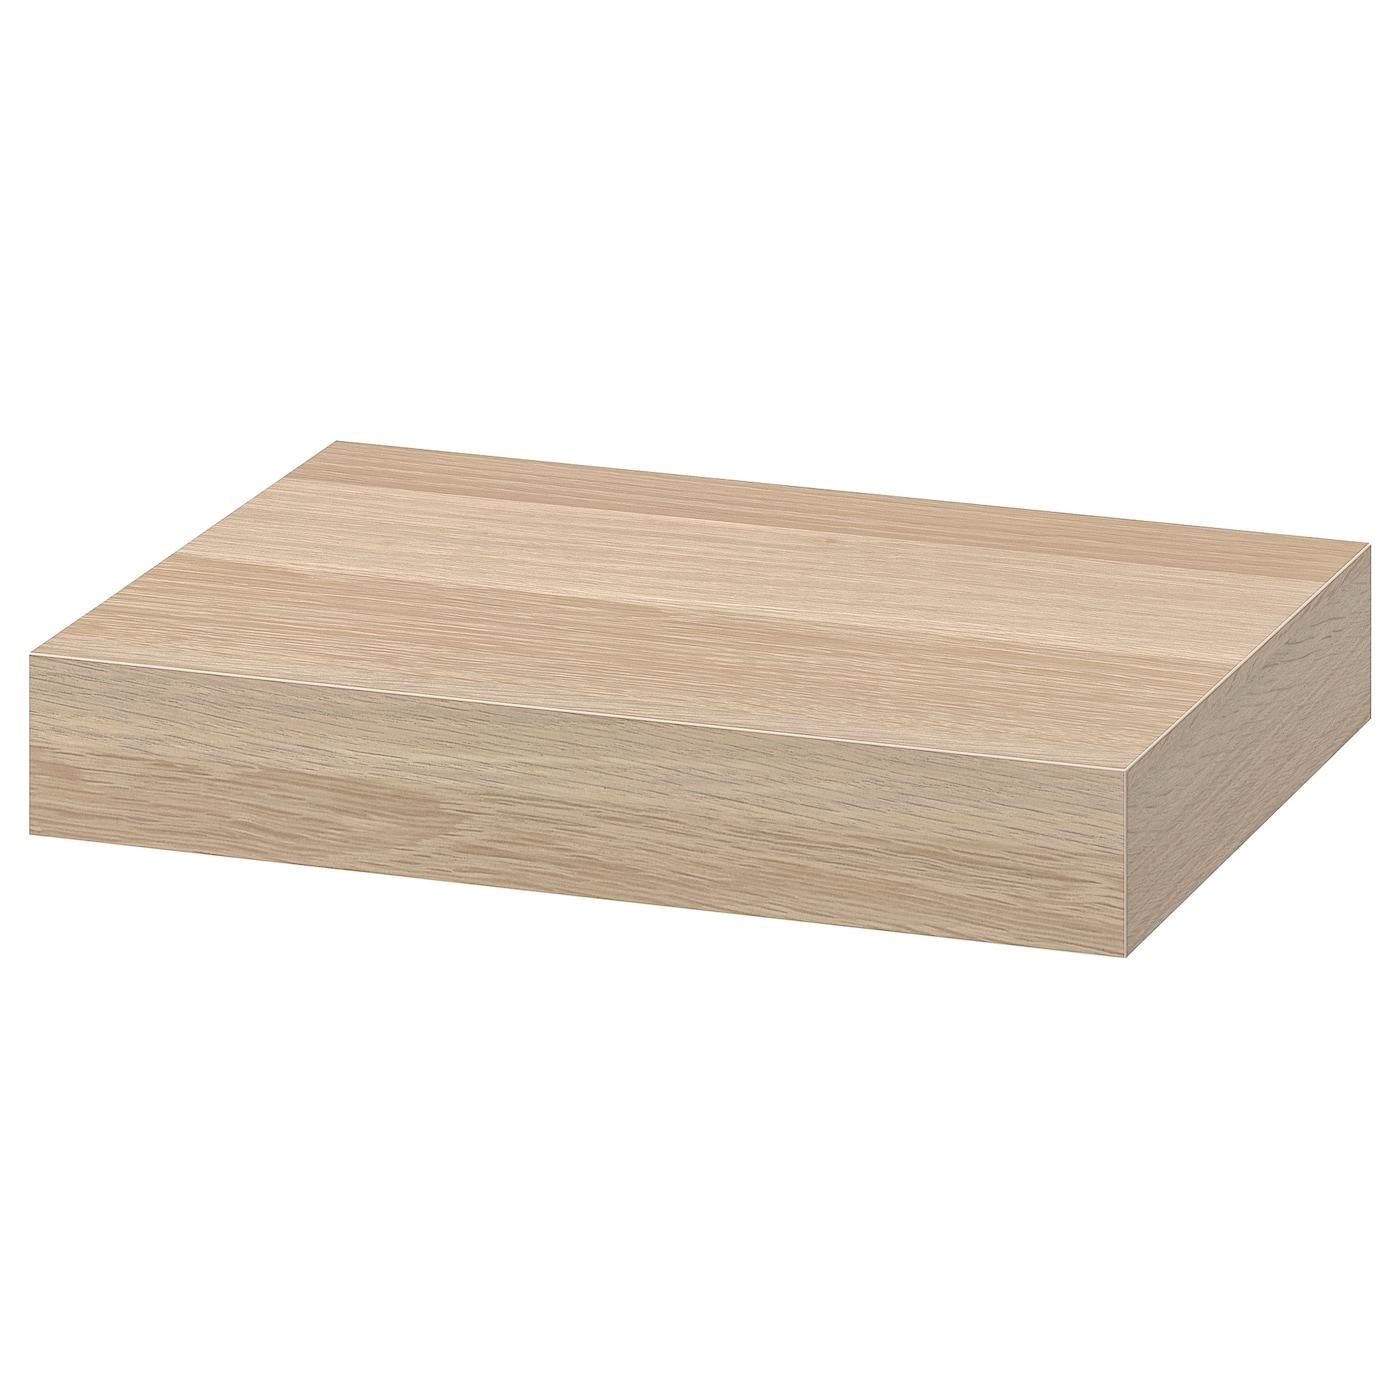 Wandplank Steigerhout Zwevend.Wandplanken Ikea